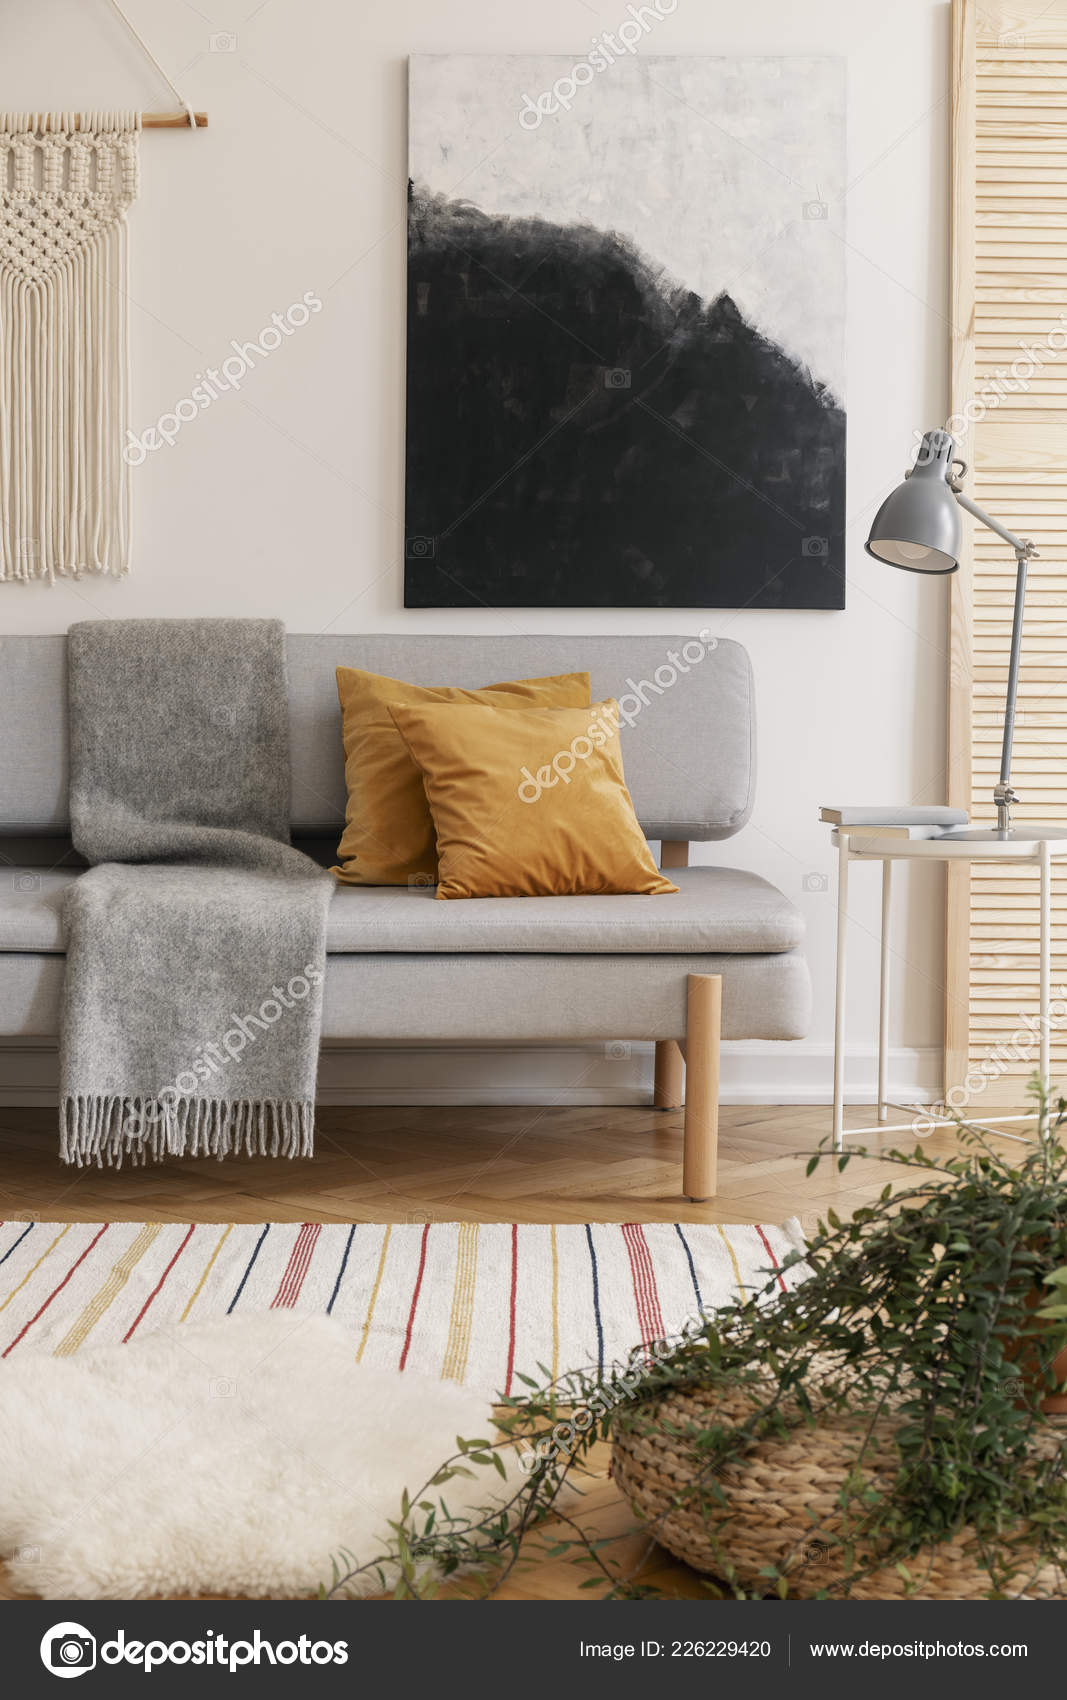 Affiche Au Dessus Canapé Avec Coussins Marron Et Gris Couverture En Boho  Salon Intérieur Avec Lampe.